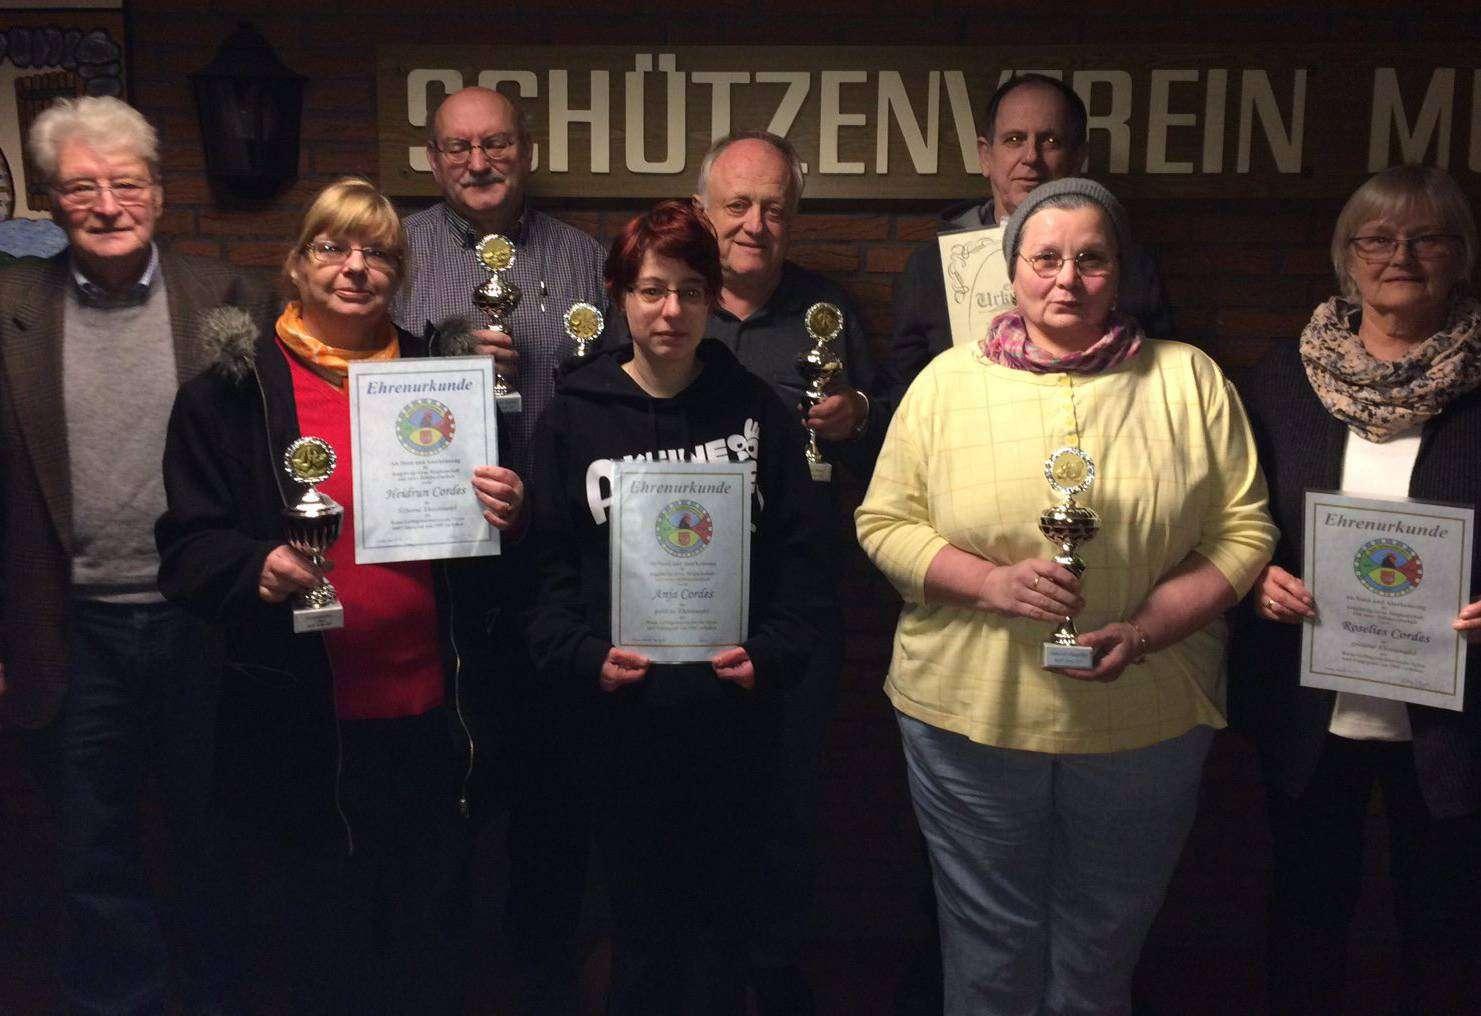 Der Vorsitzende Helmut Cordes (von links) freut sich mit den geehrten Heidrun Cordes, Herbert Friese, Anja Cordes, Hartmut Cordes, Hanna Kley, Helmut Haßelbusch und Roselies Cordes.